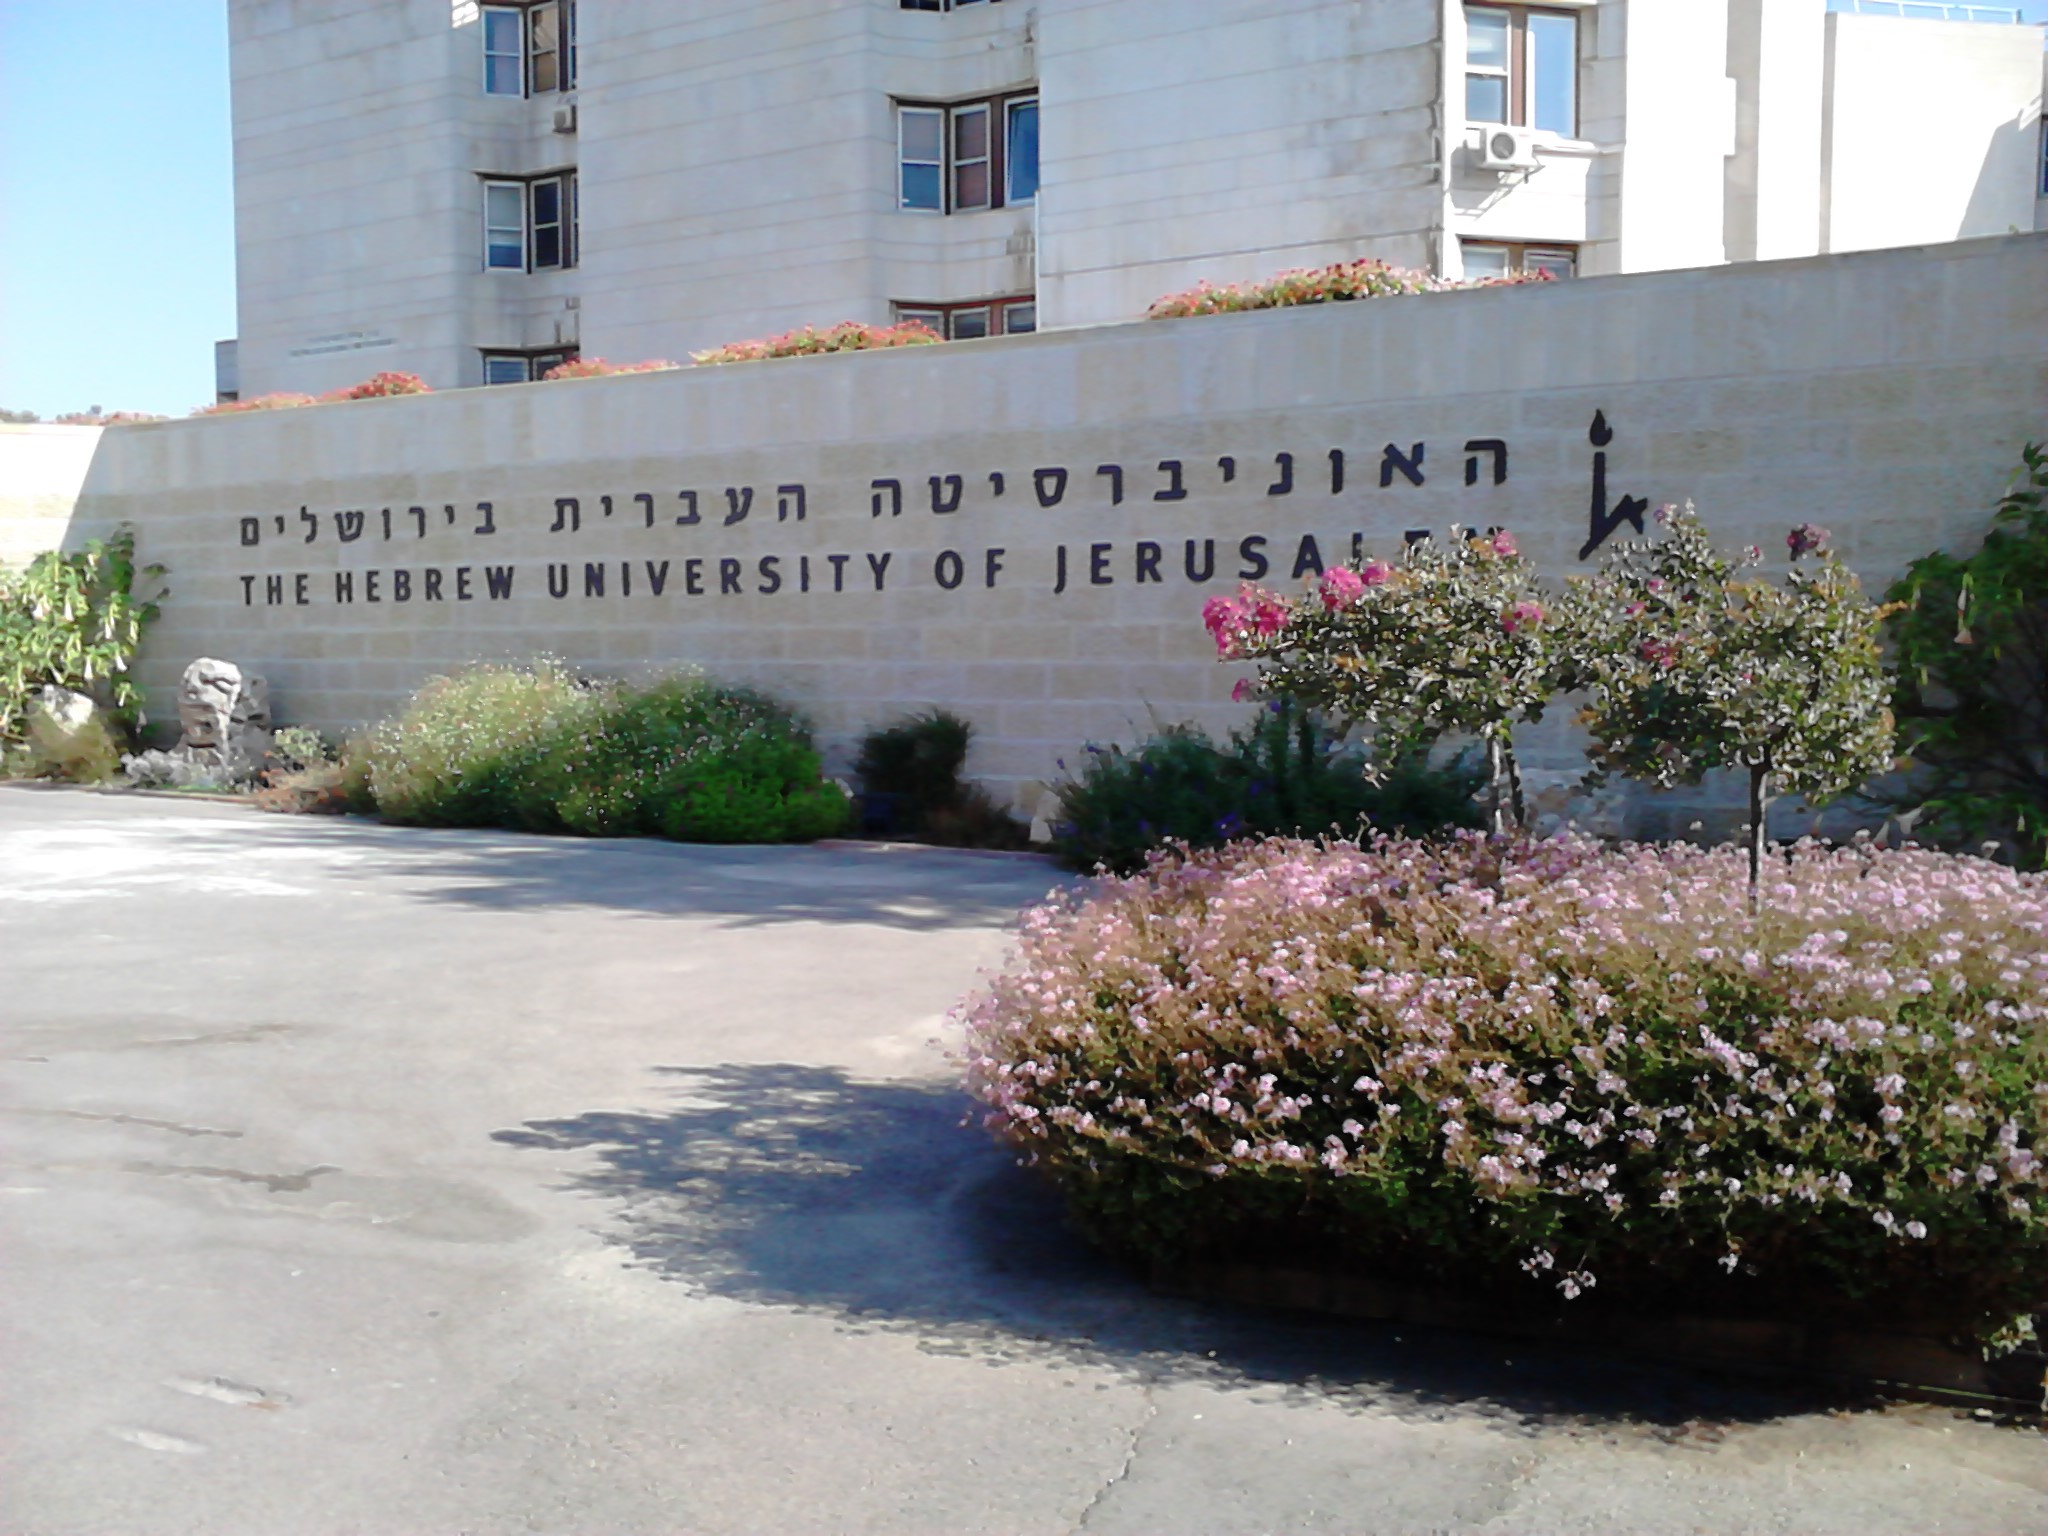 Kastner attended the Hebrew University of Jerusalem in 1964.